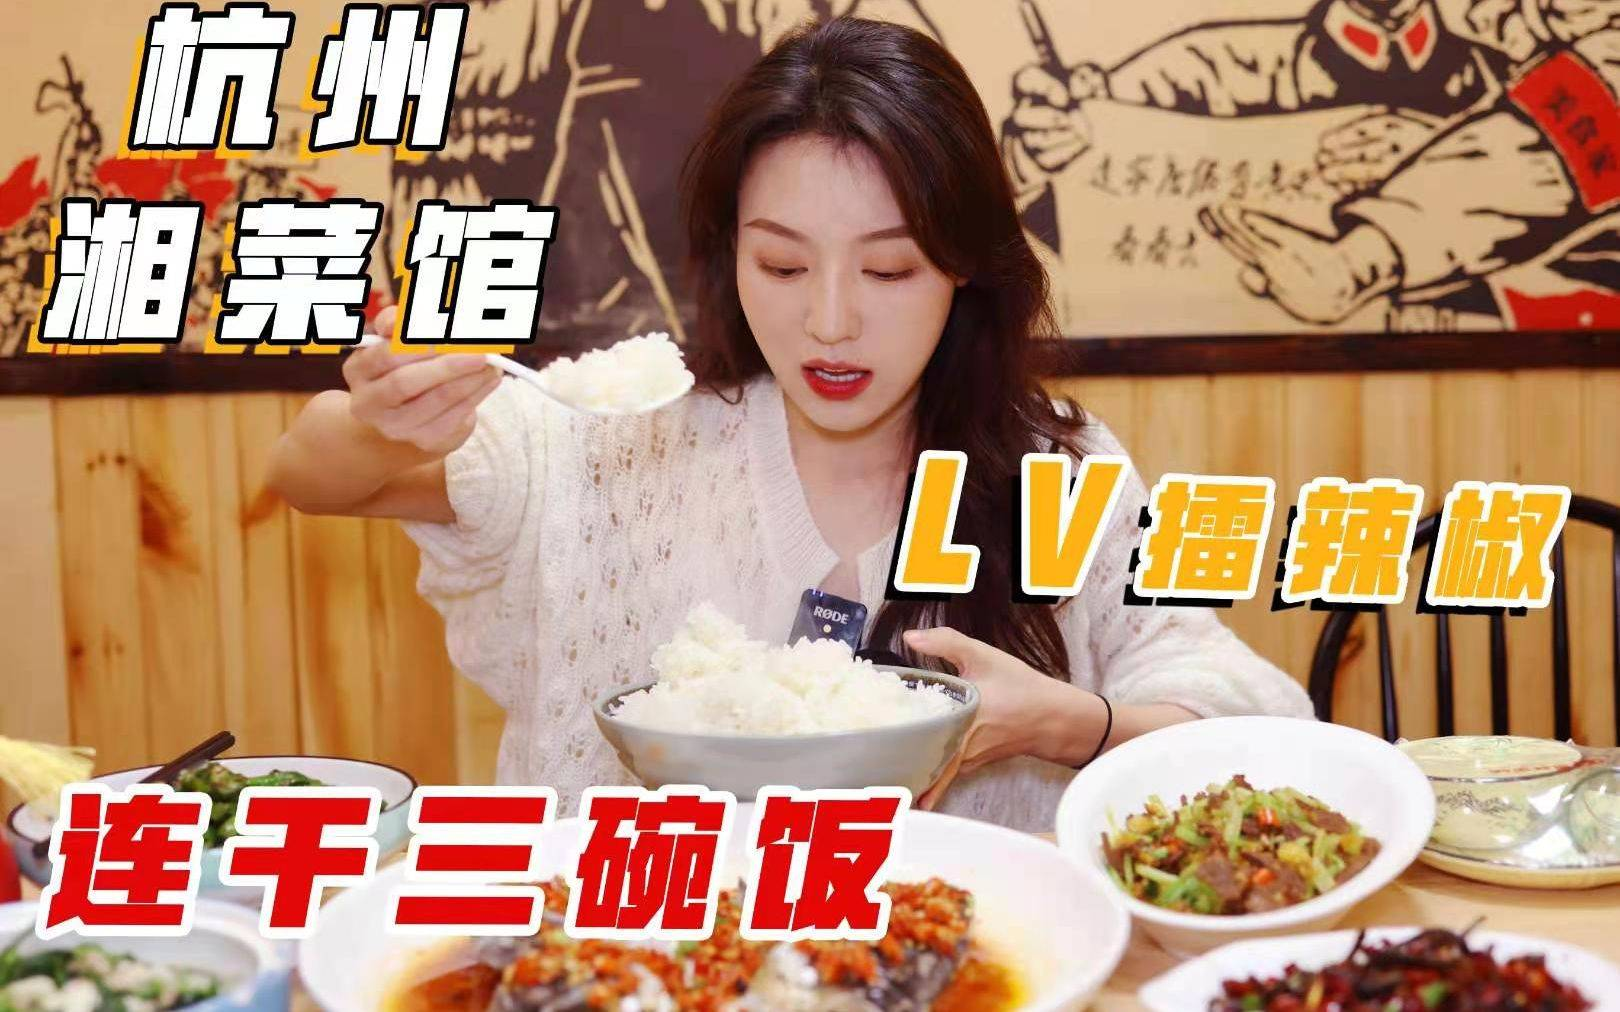 今天带大家探一家极具烟火气的湘菜馆, 裹满辣椒的剁椒鱼头配上特制的驴牌擂辣椒, 可以让我连吃三大碗米饭!